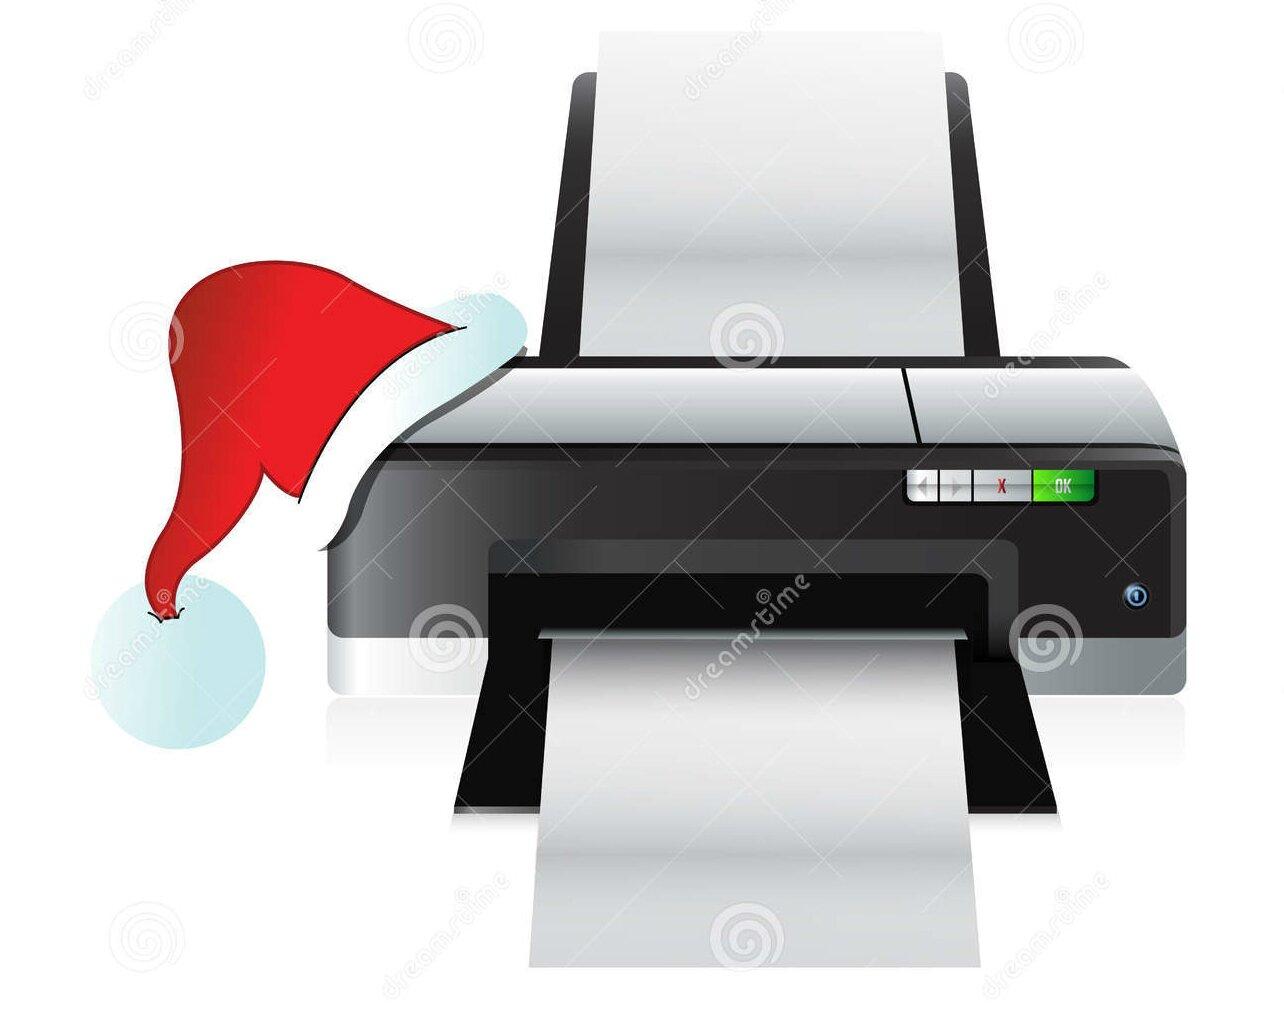 Принтер в подарок на Новый Год 2015